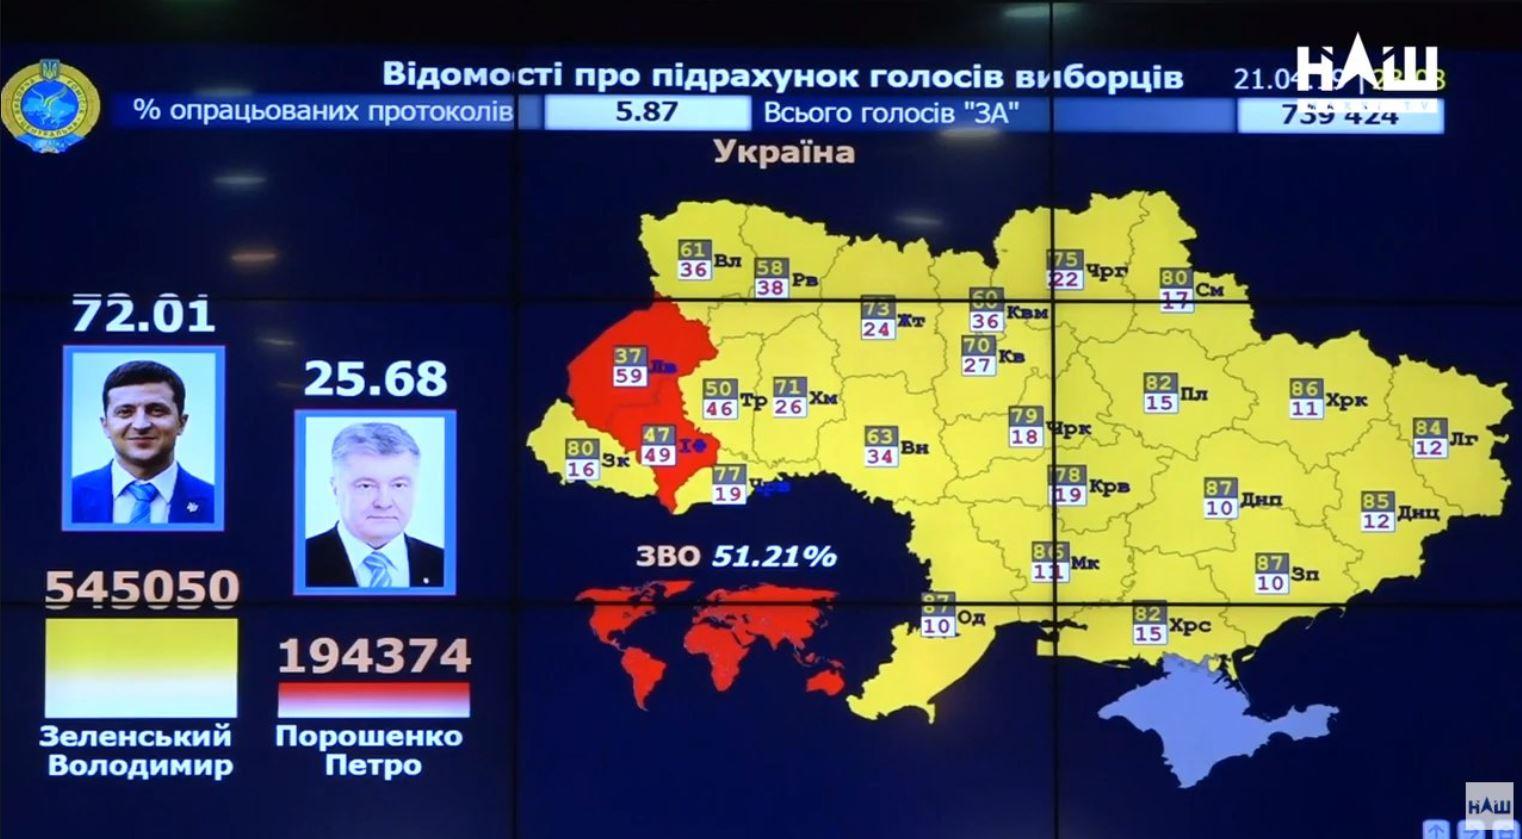 """""""Τέλος εποχής για Ποροσένκο στην Ουκρανία"""""""